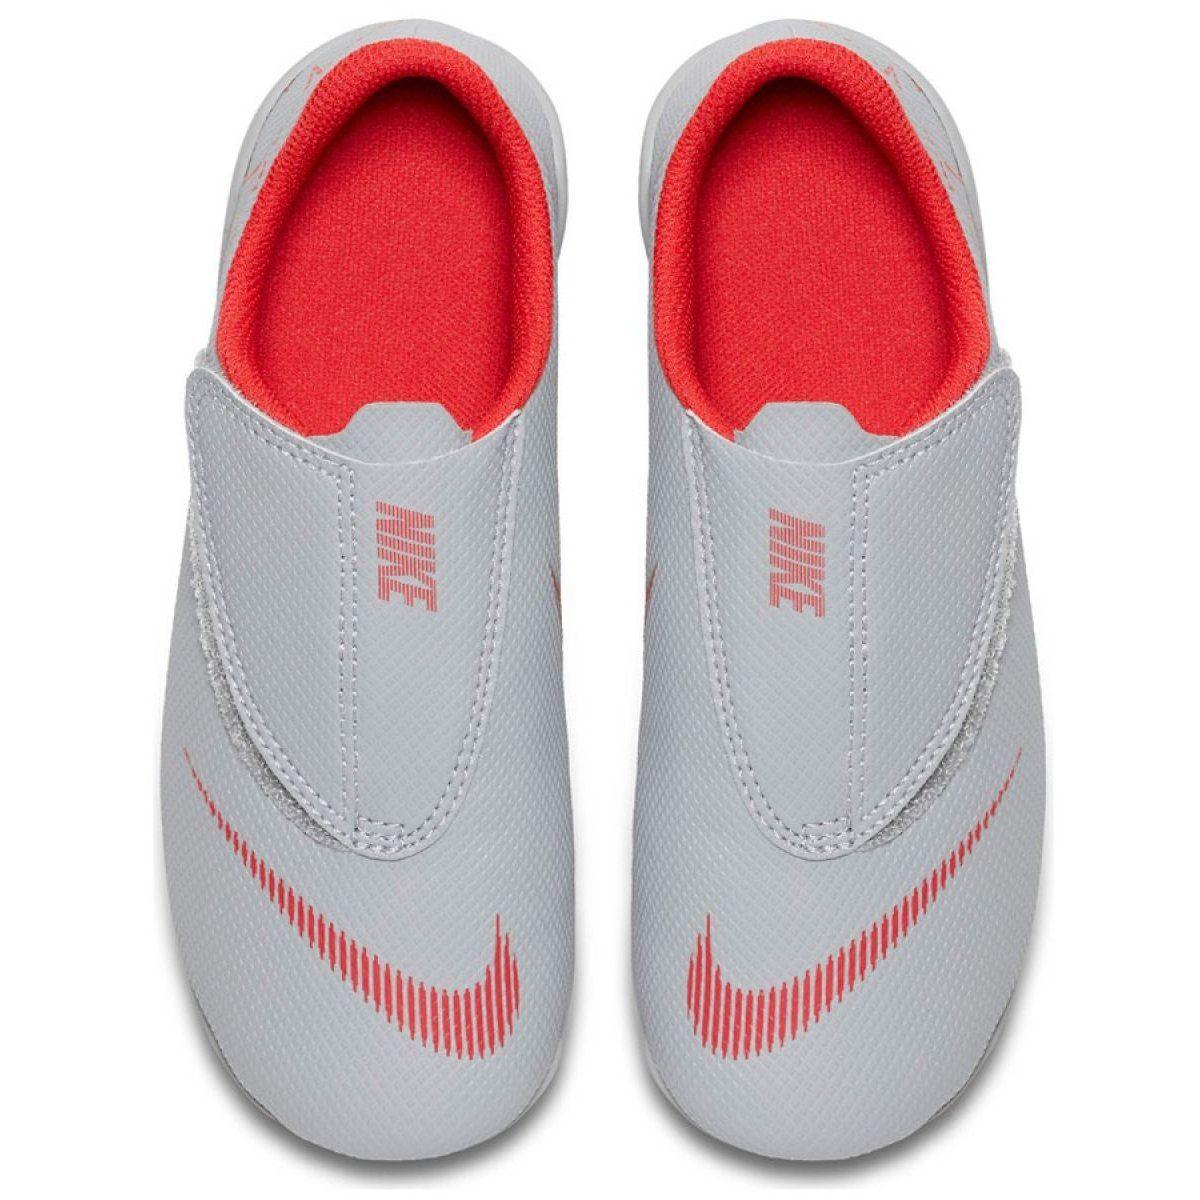 Buty Pilkarskie Nike Mercurial Vapor 12 Club Ps V Mg Jr Ah7351 060 Biale Wielokolorowe Kids Football Boots Football Shoes Mercurial Football Boots